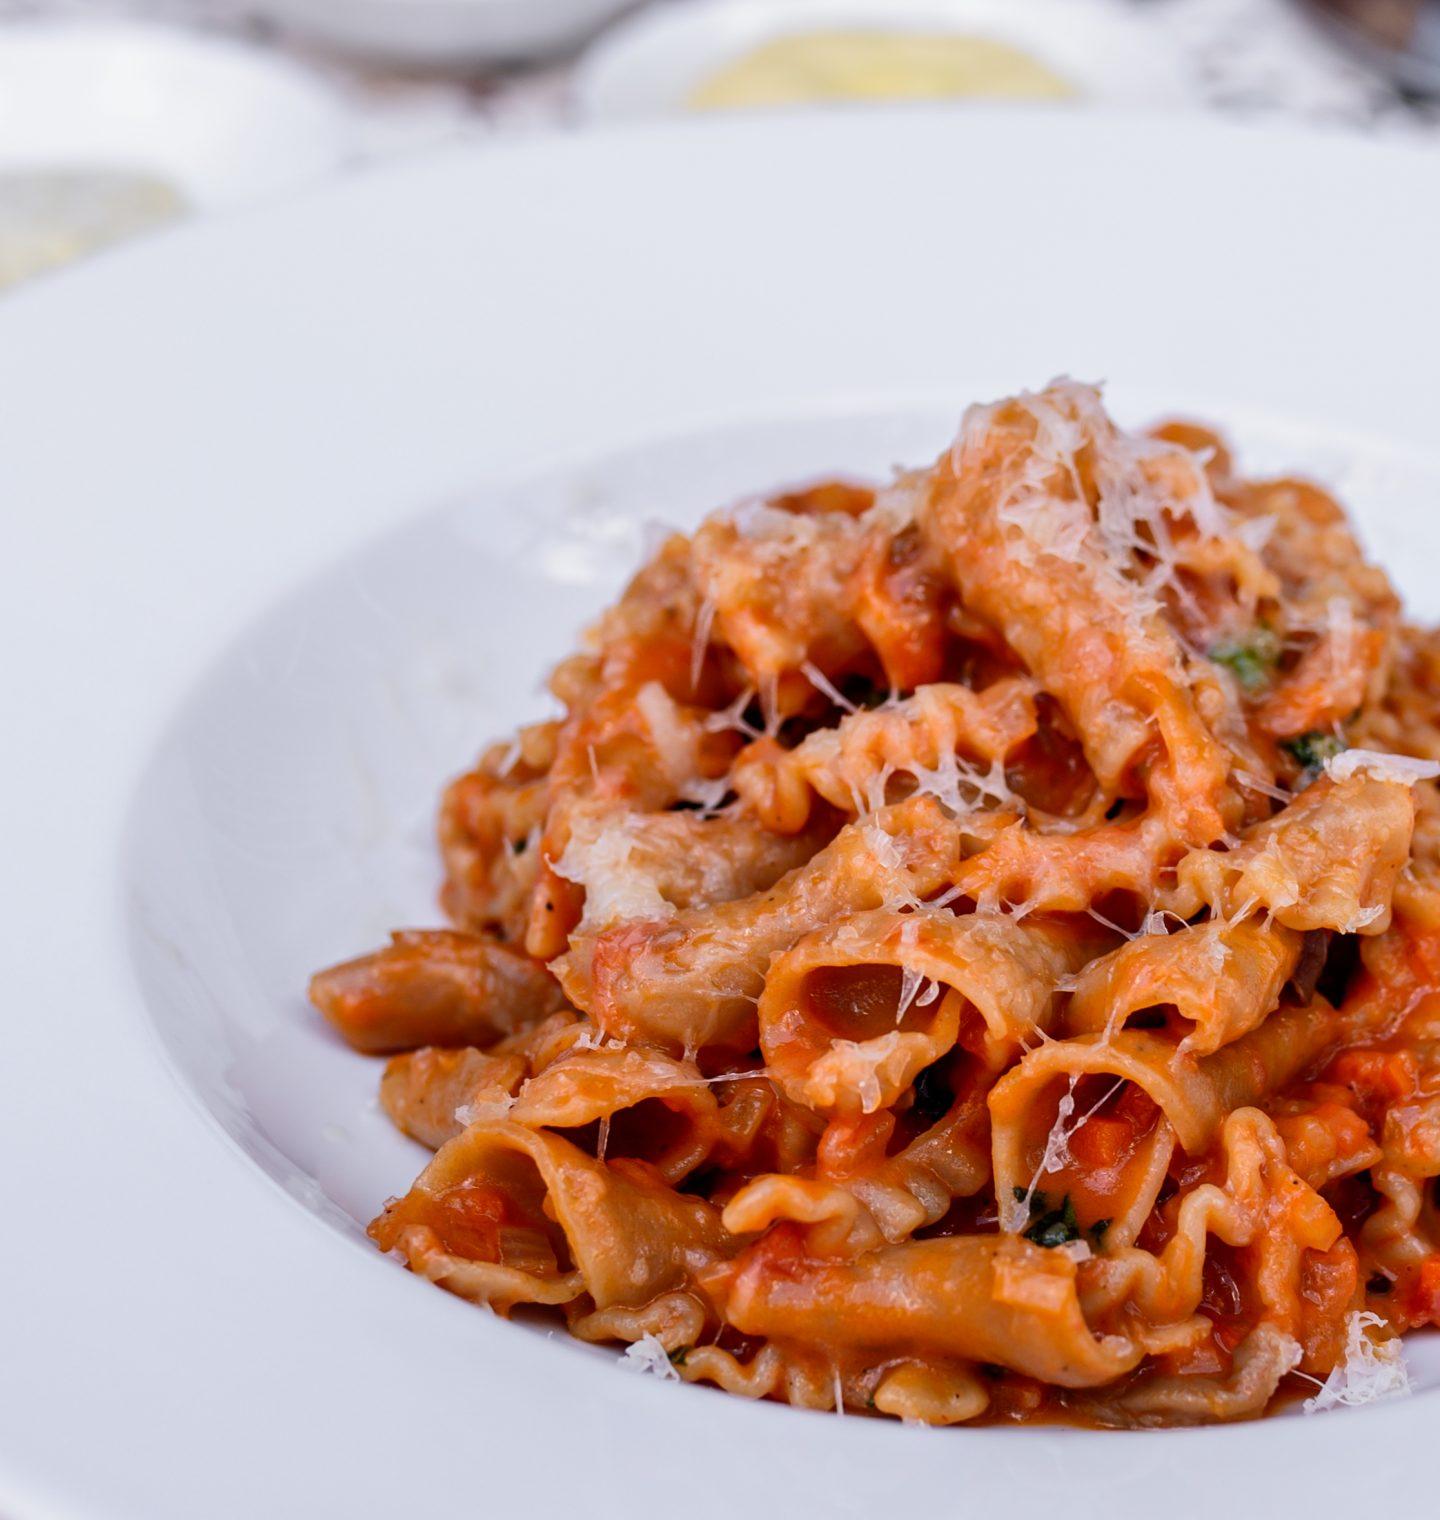 hotel riggs pasta